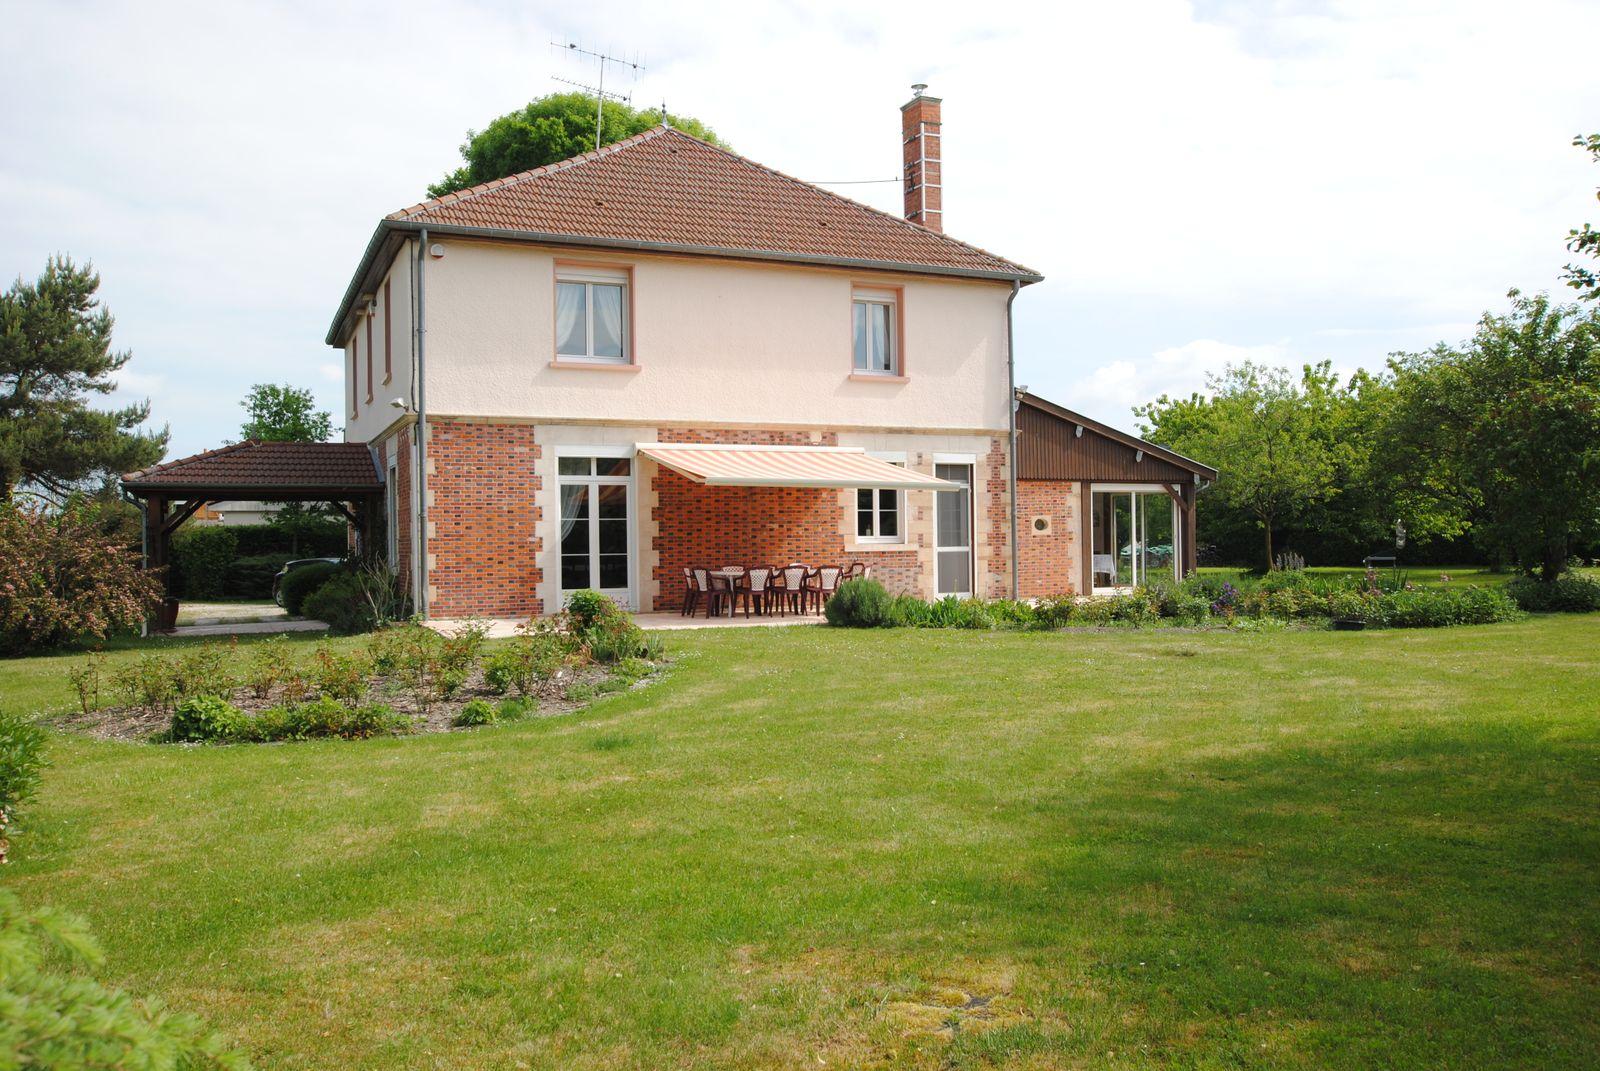 51G497 - Le Gros Chêne - Villers en Argonne - Gîtes de France Marne